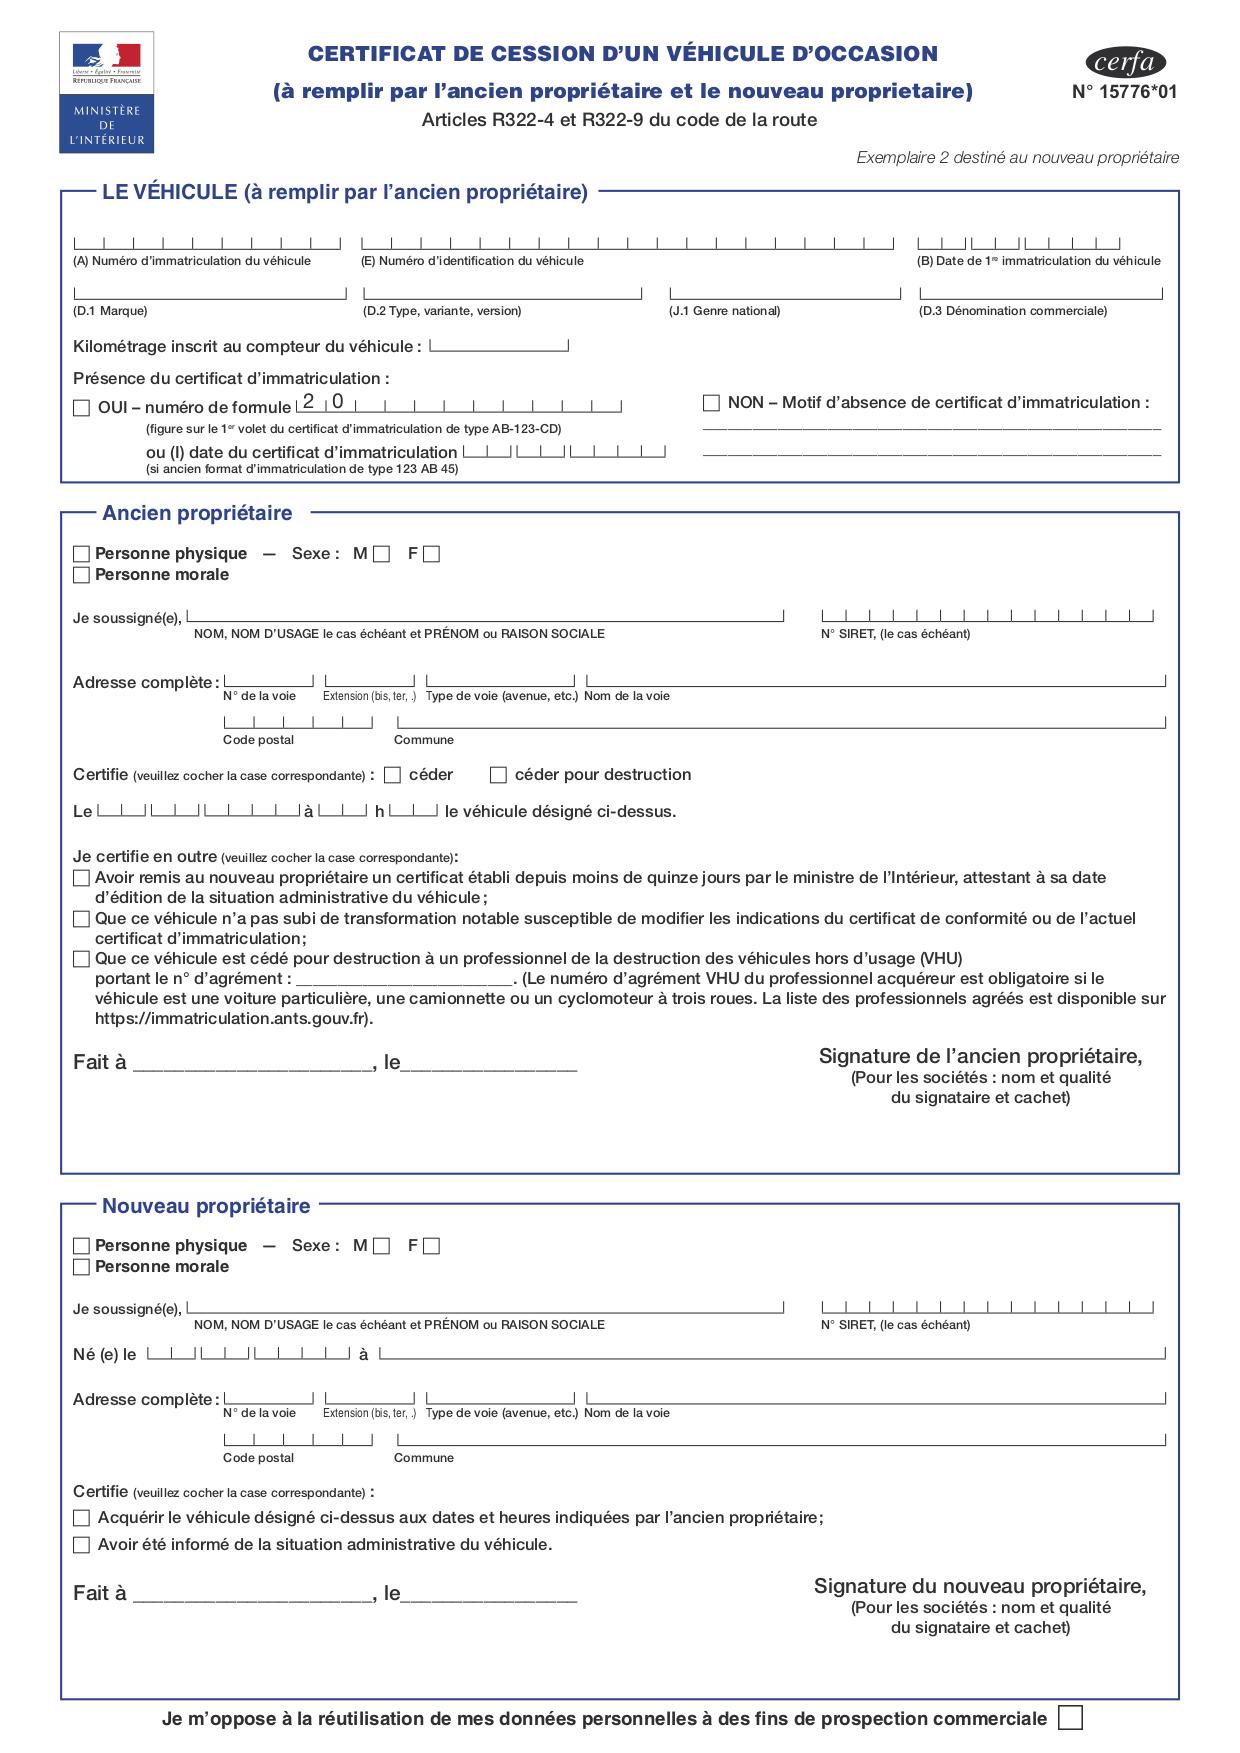 Déclaration de Cession ou aussi appelé formulaire Cerfa 15776 * 01 Exemplaire N°2 Destiné au nouveau propriétaire